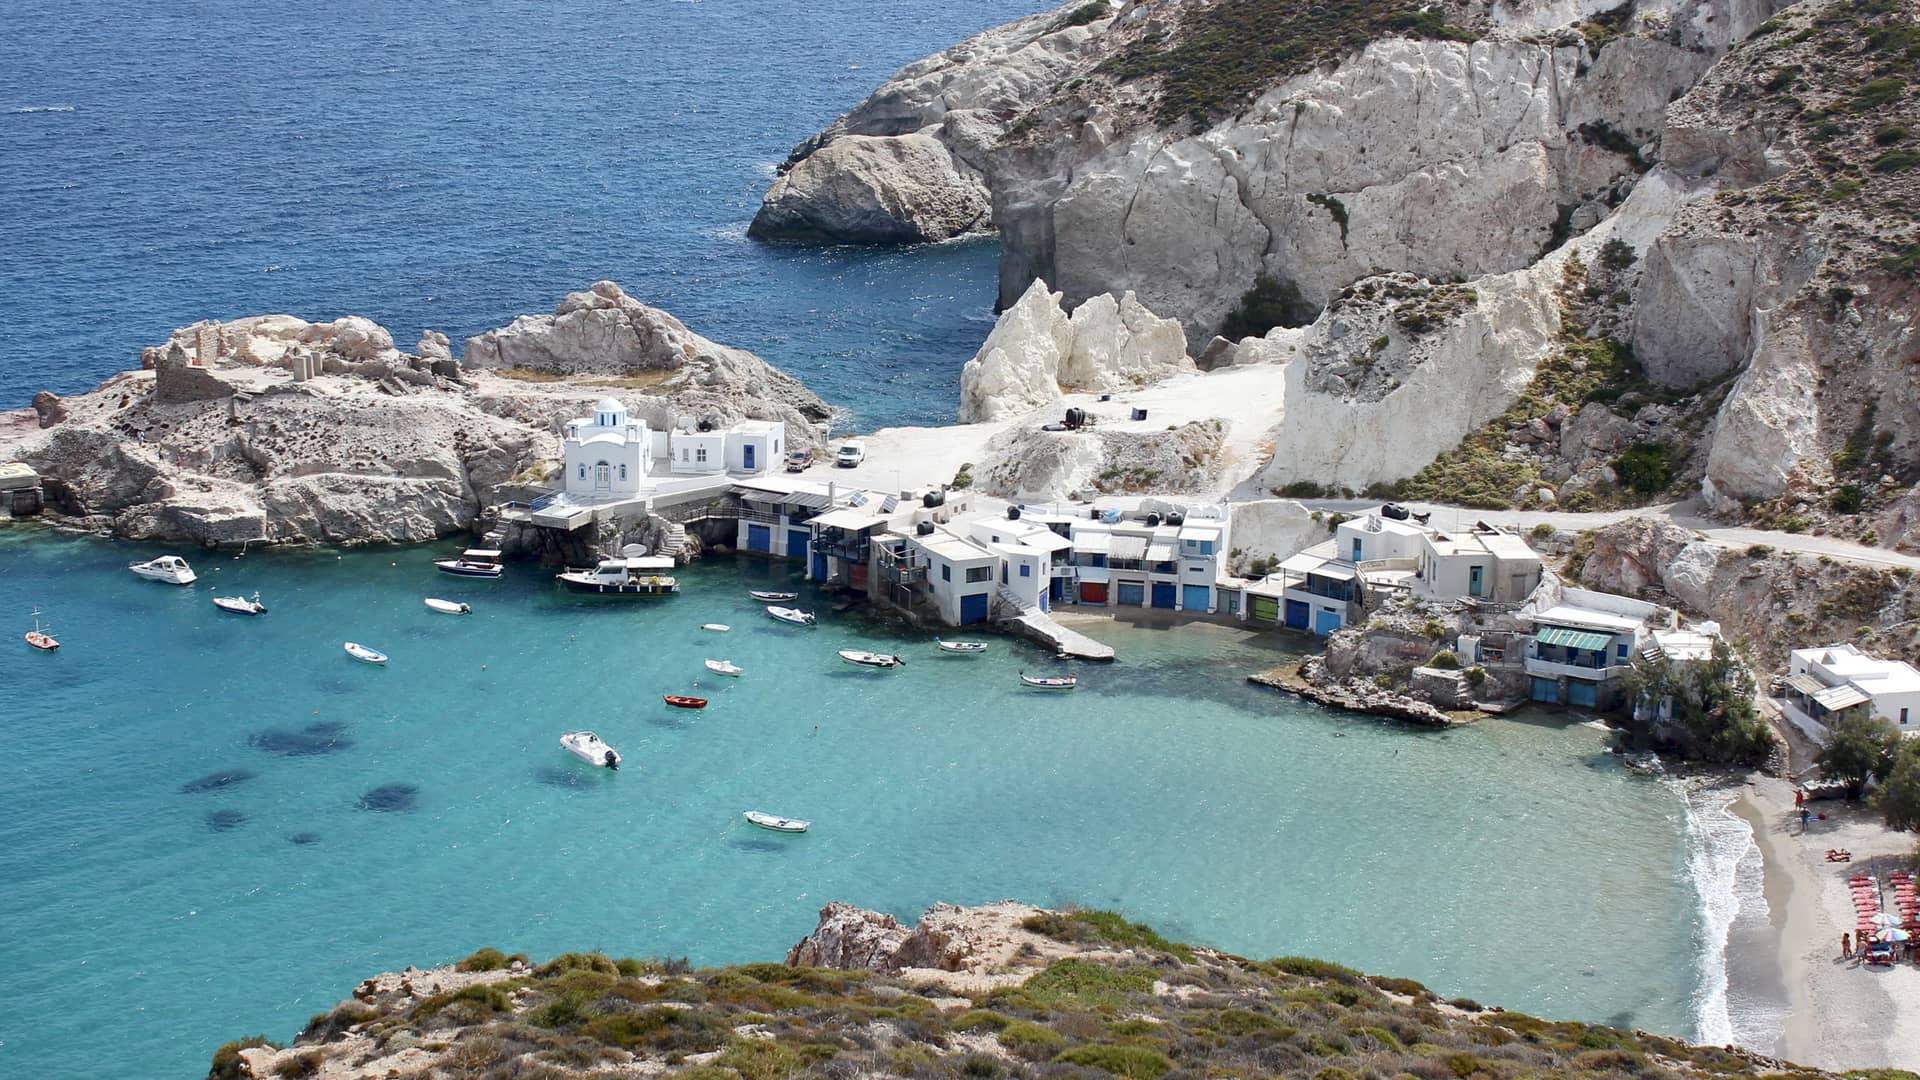 Fish village in Milos